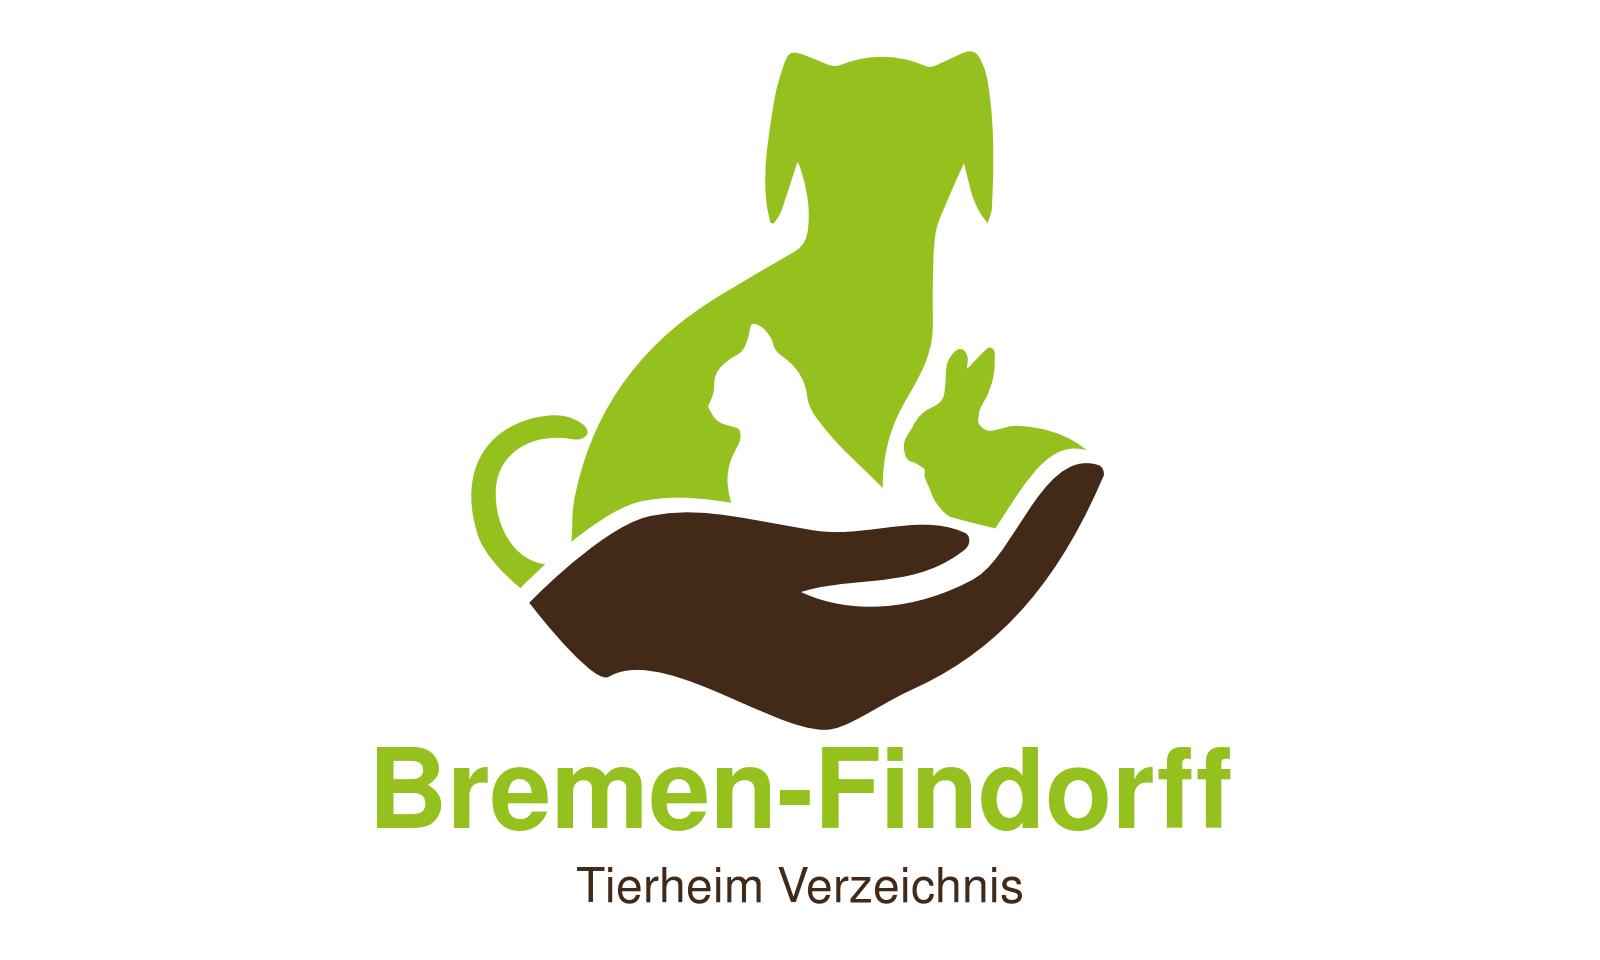 Tierheim Bremen Findorff